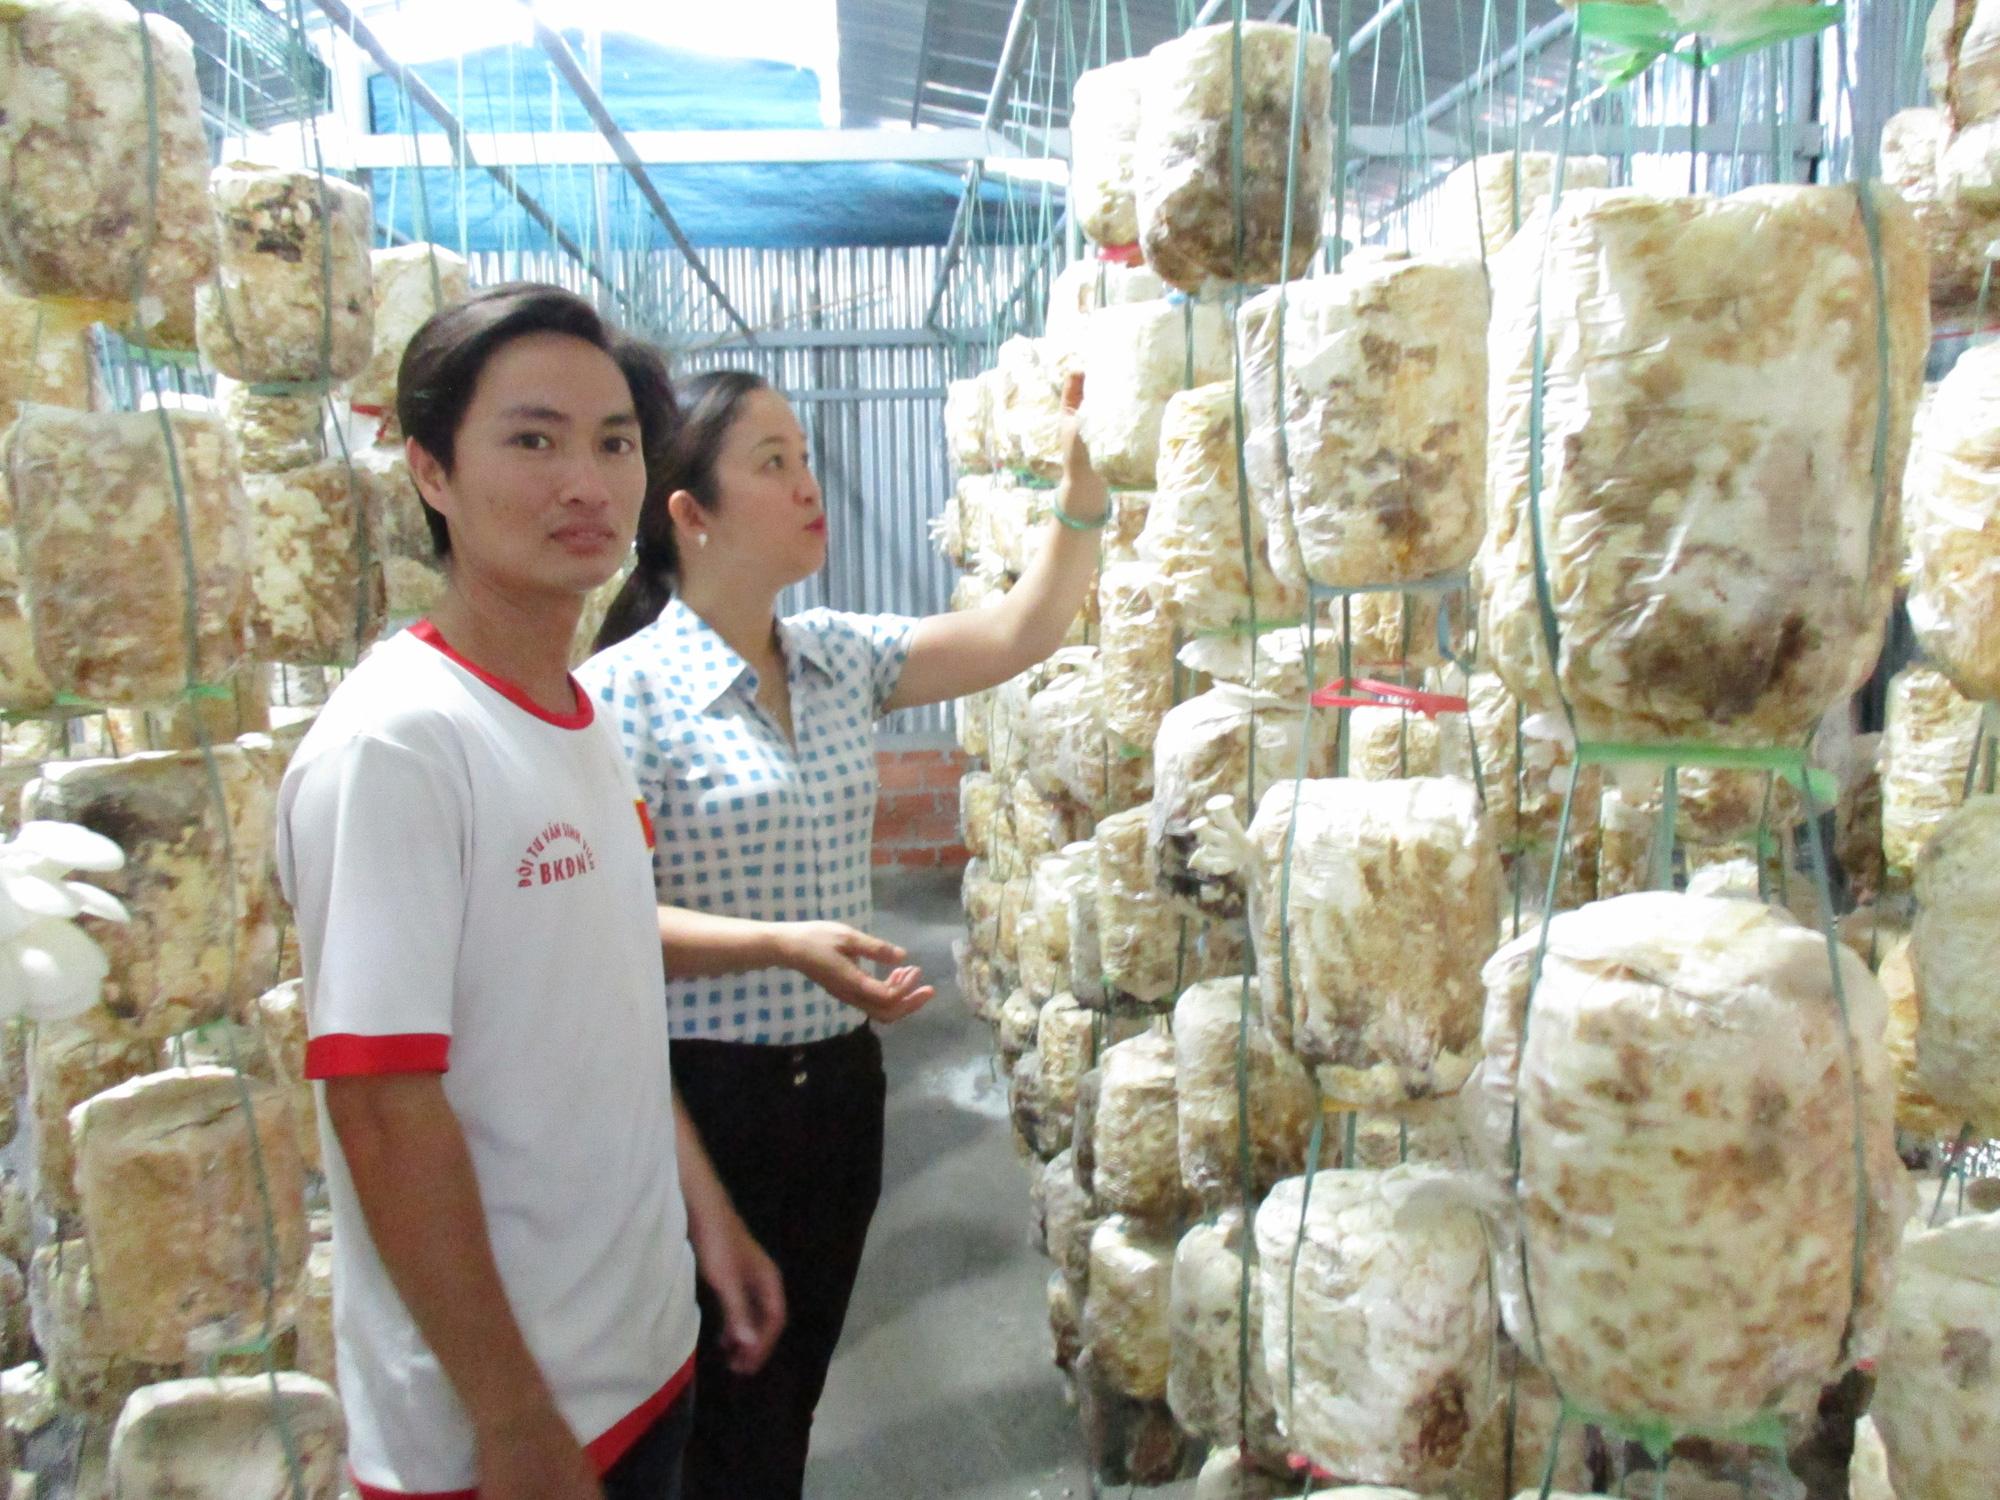 Quảng Nam đề nghị Trung ương công nhận huyện Duy Xuyên đạt chuẩn nông thôn mới - Ảnh 3.